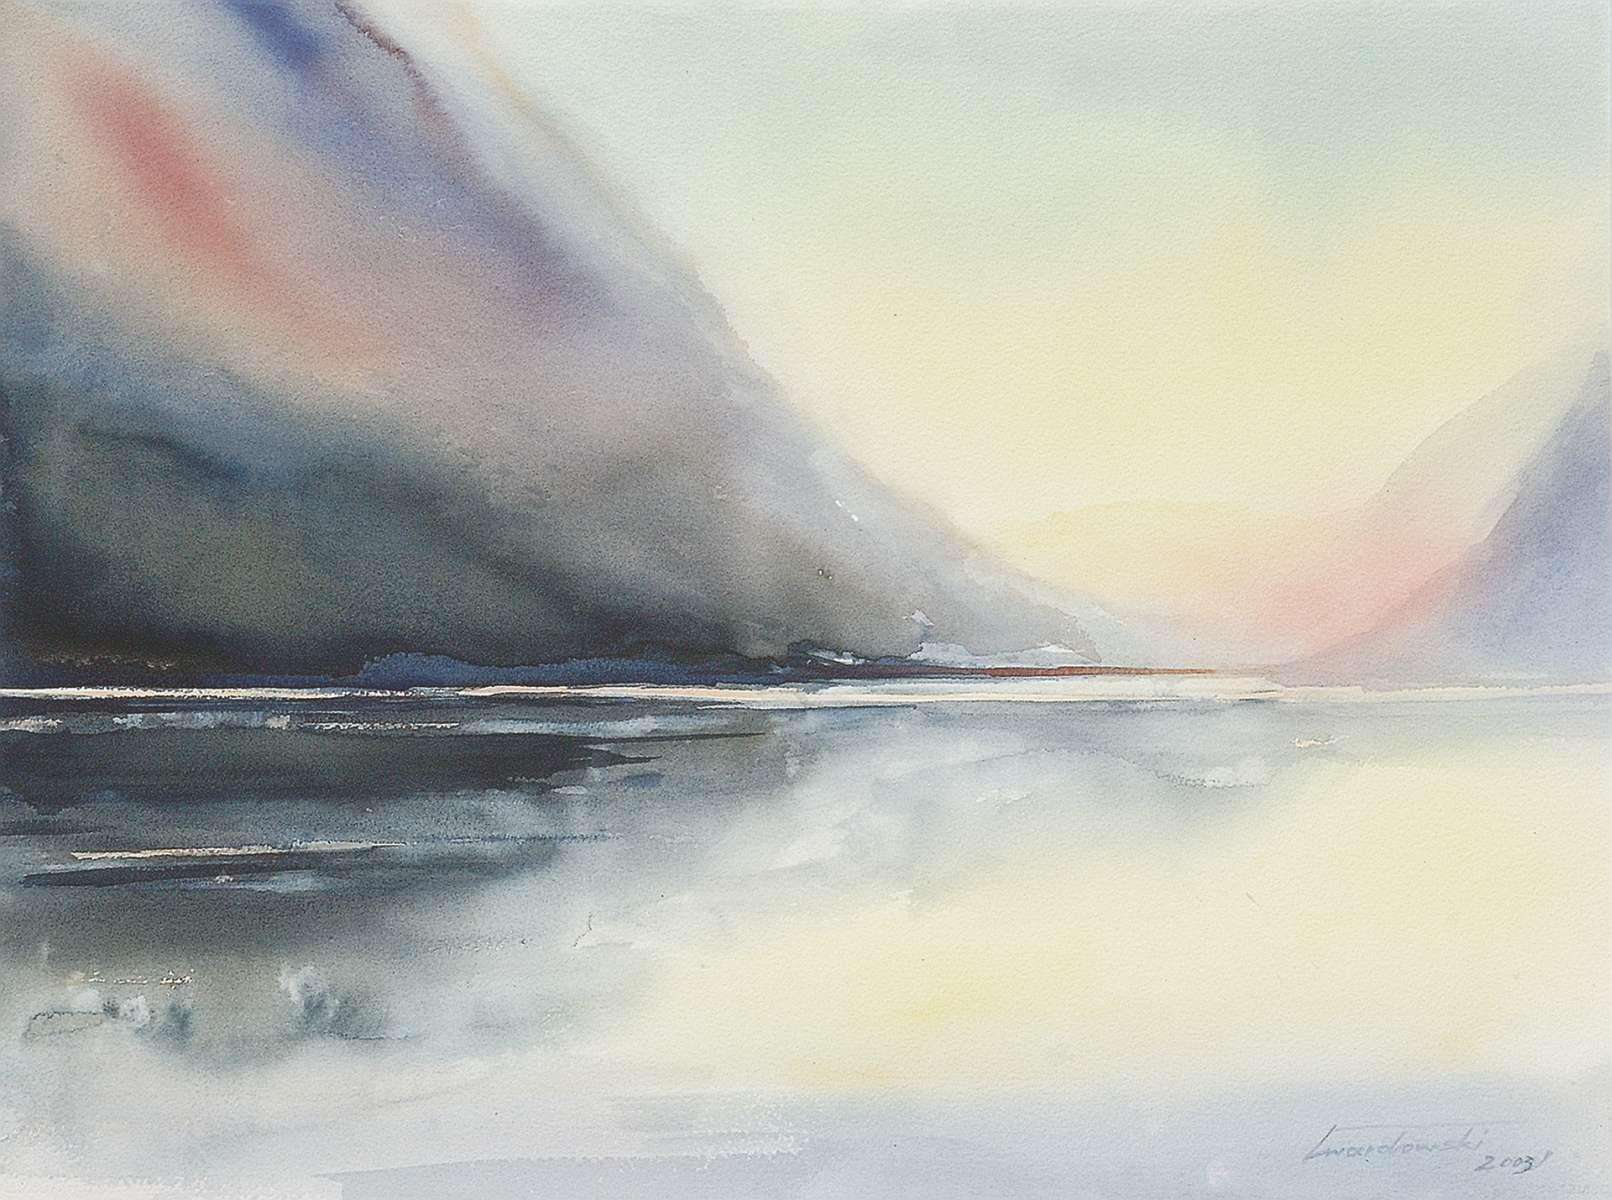 Norweskie światło. 76 x 56 cm. Kazimierz Twardowski